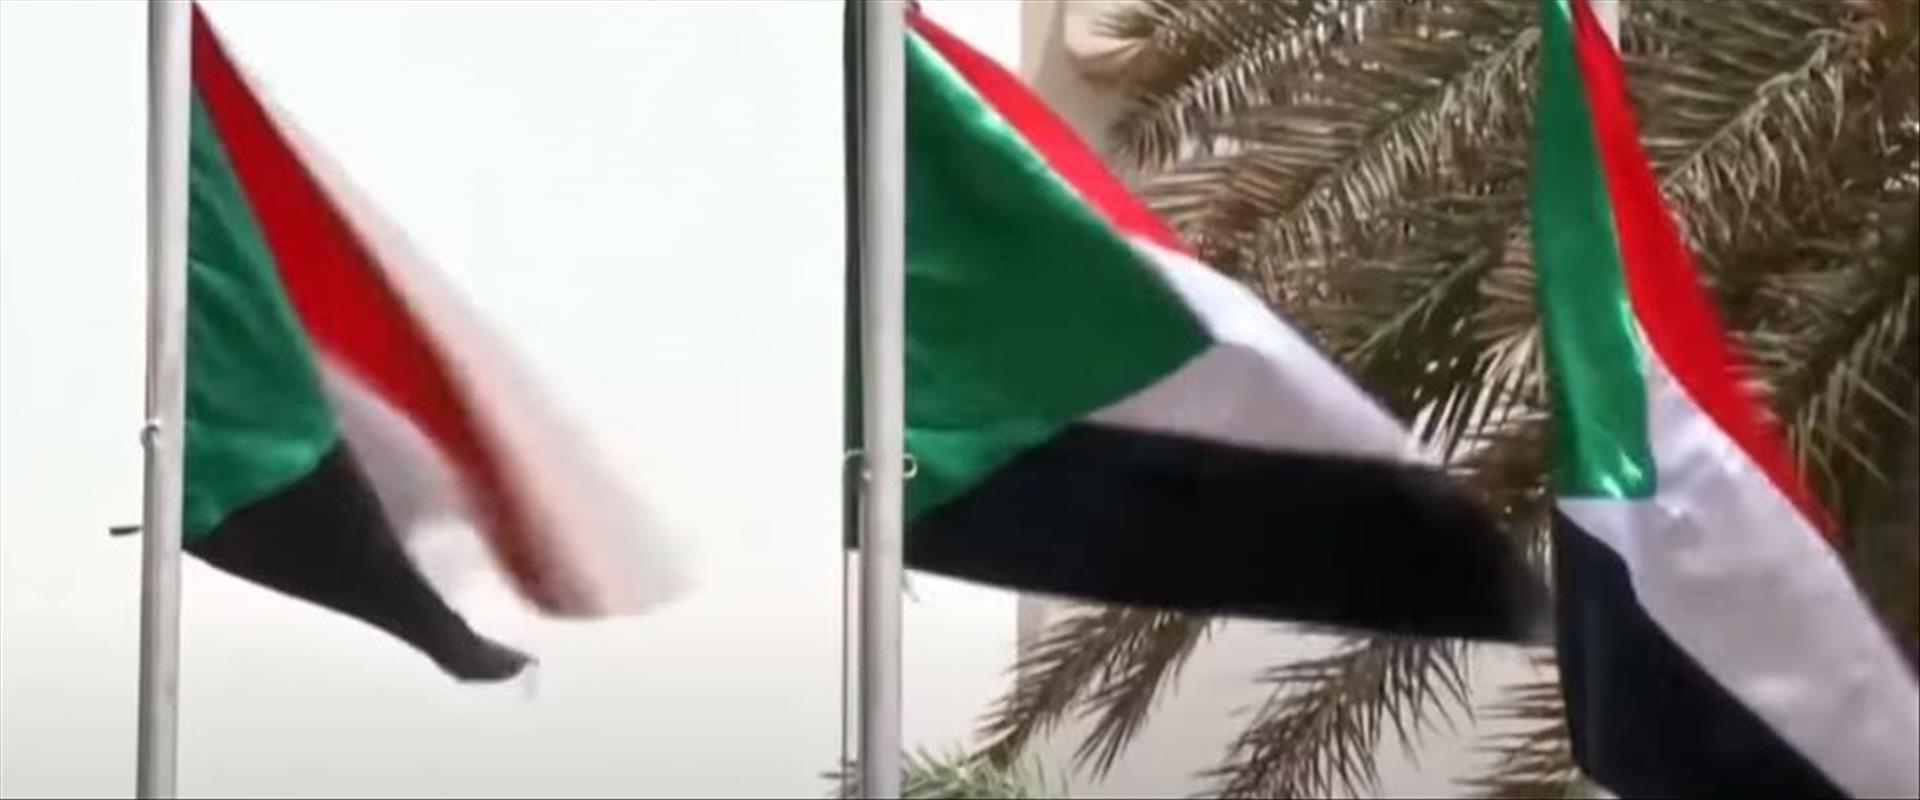 דגלי סודאן